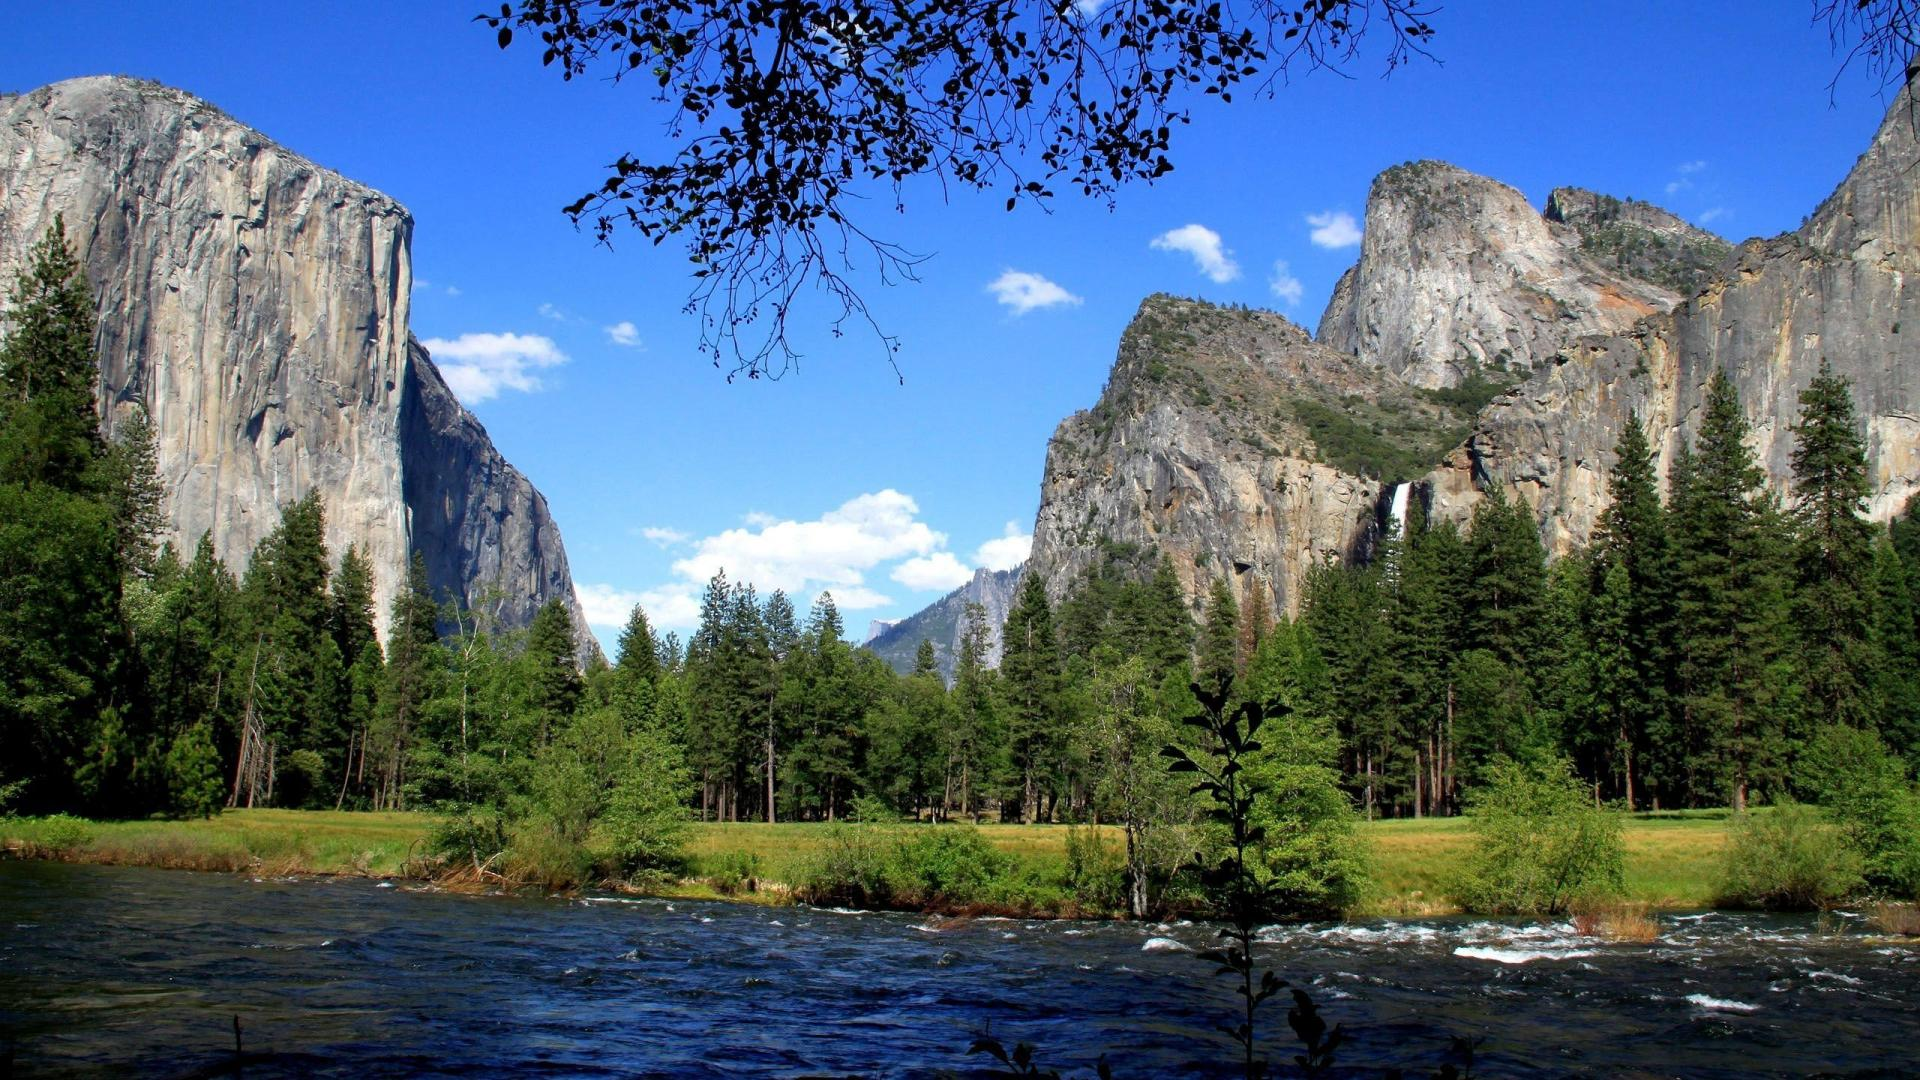 National Park CA USA 1080x1920 Wallpaper HDTV Desktop Wallpaper HD 1920x1080